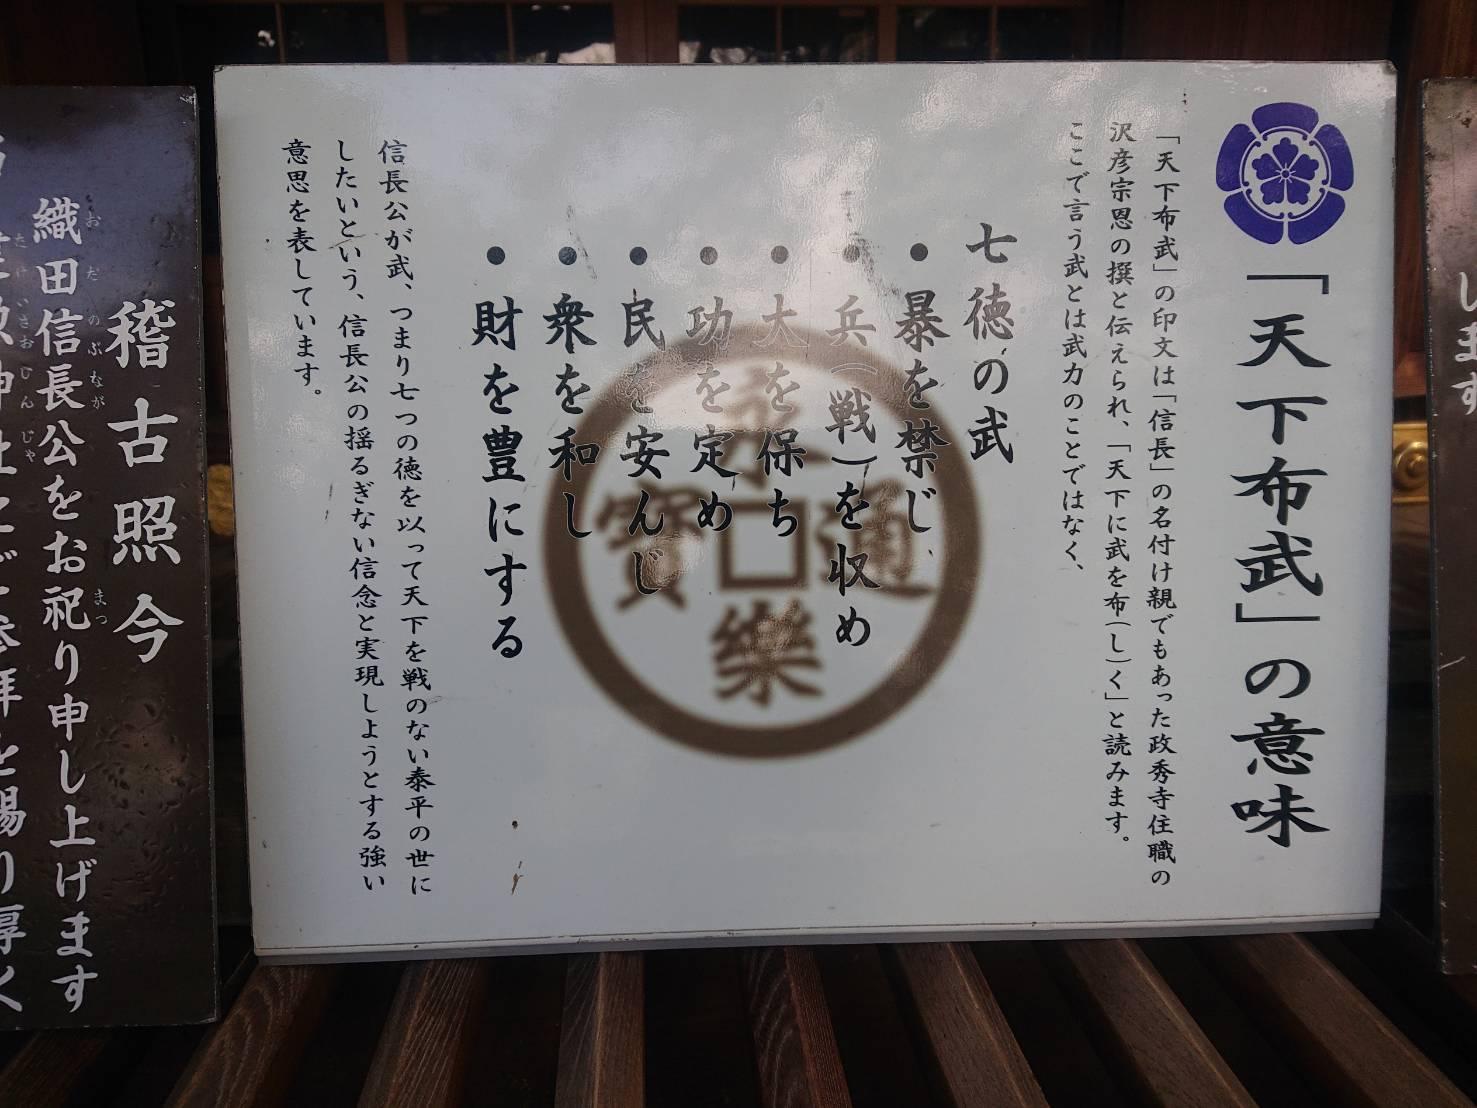 建勲神社の天下布武